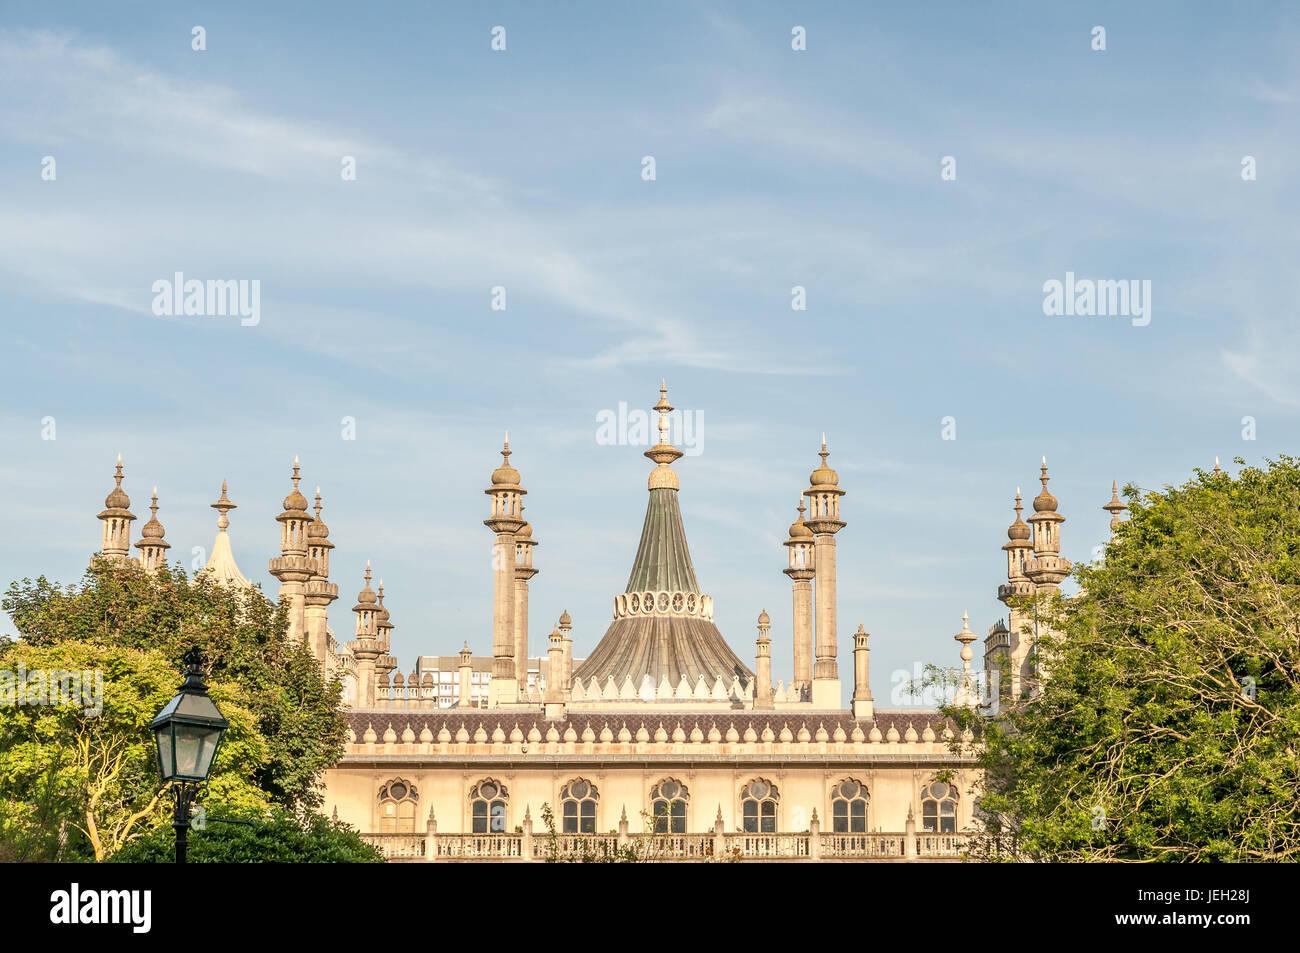 Brighton Pavilion Banque D'Images